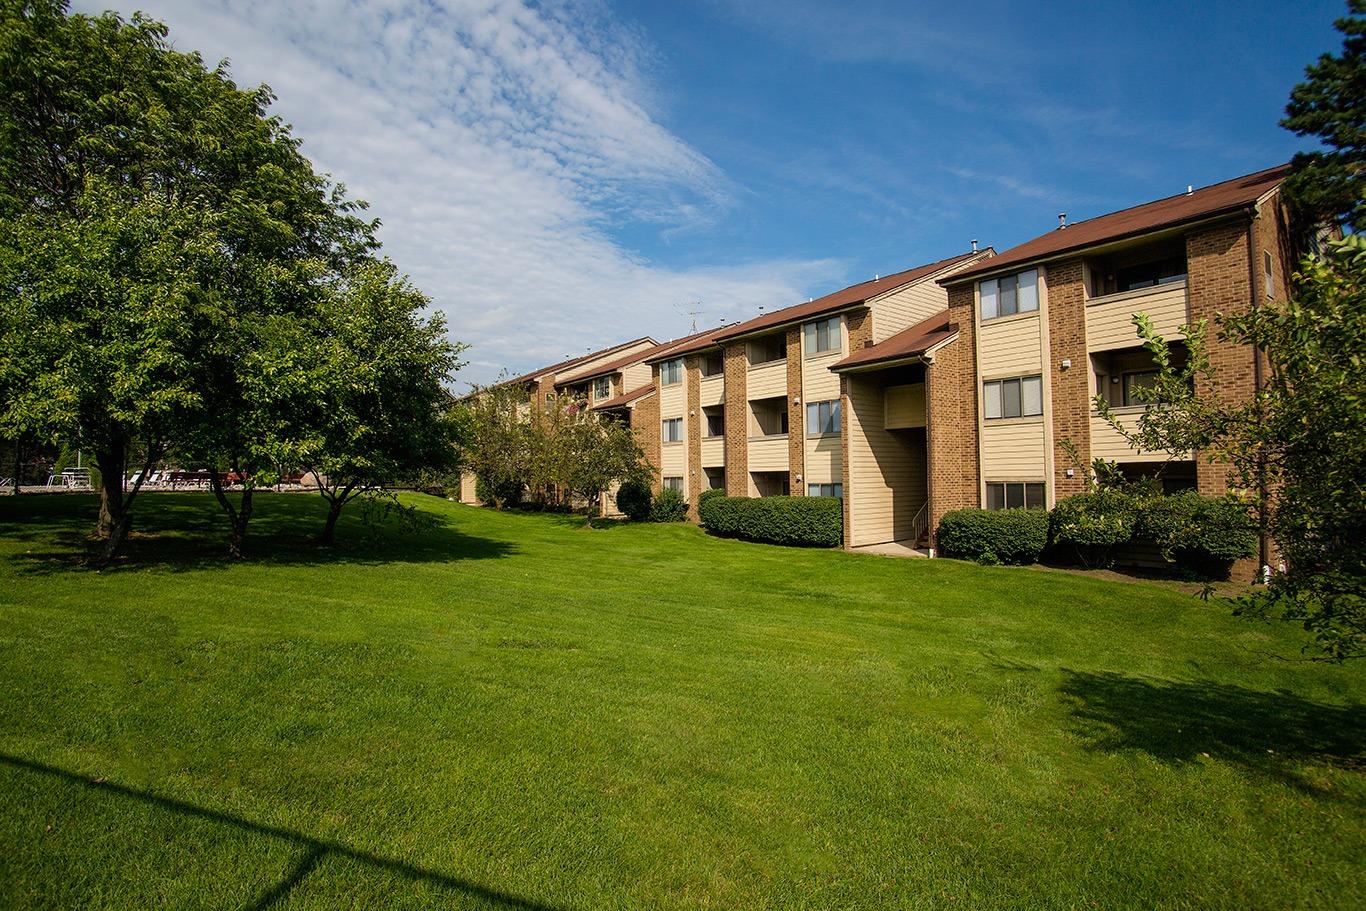 Apartment Grand Rapids Mi Ridgewood Apartments